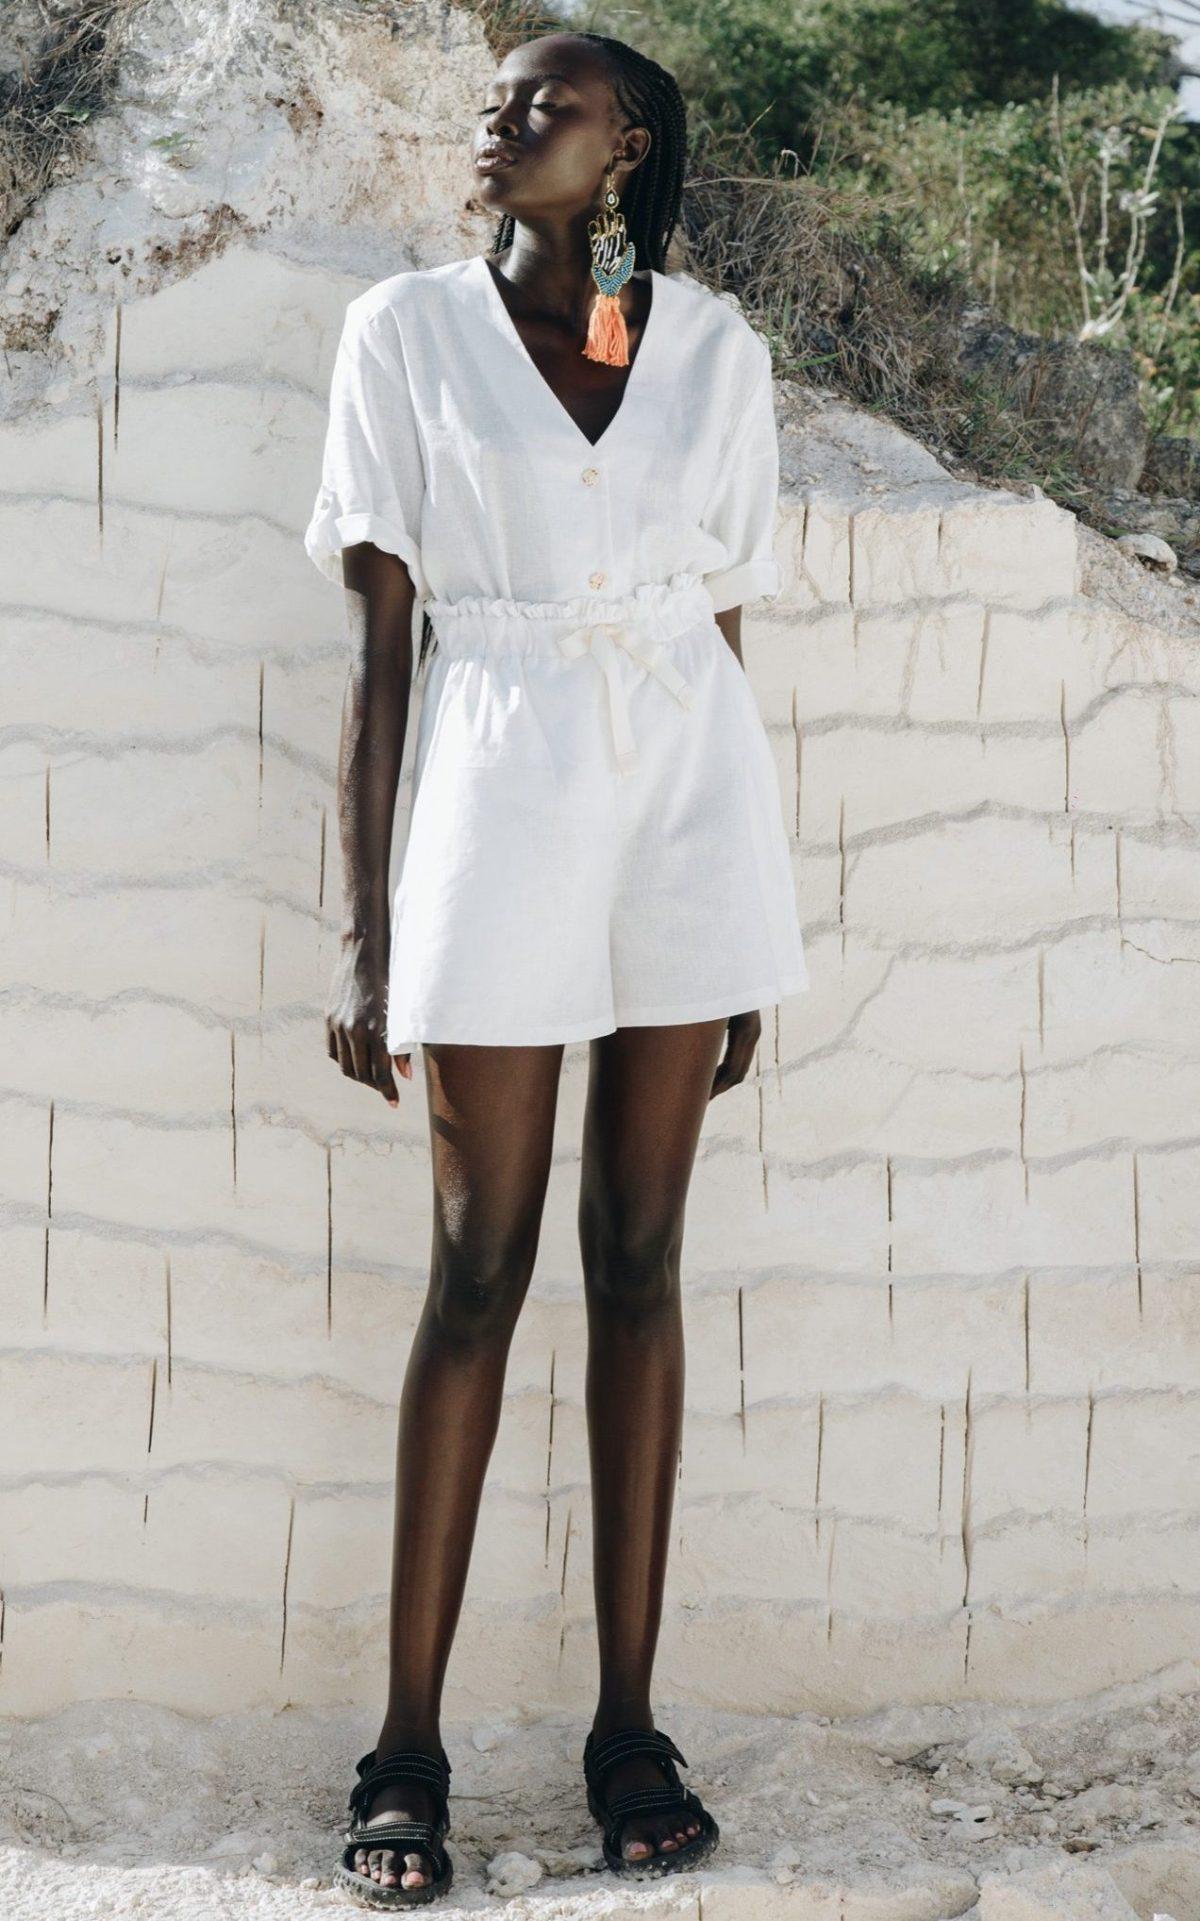 Matching set of linen hemp shorts and top